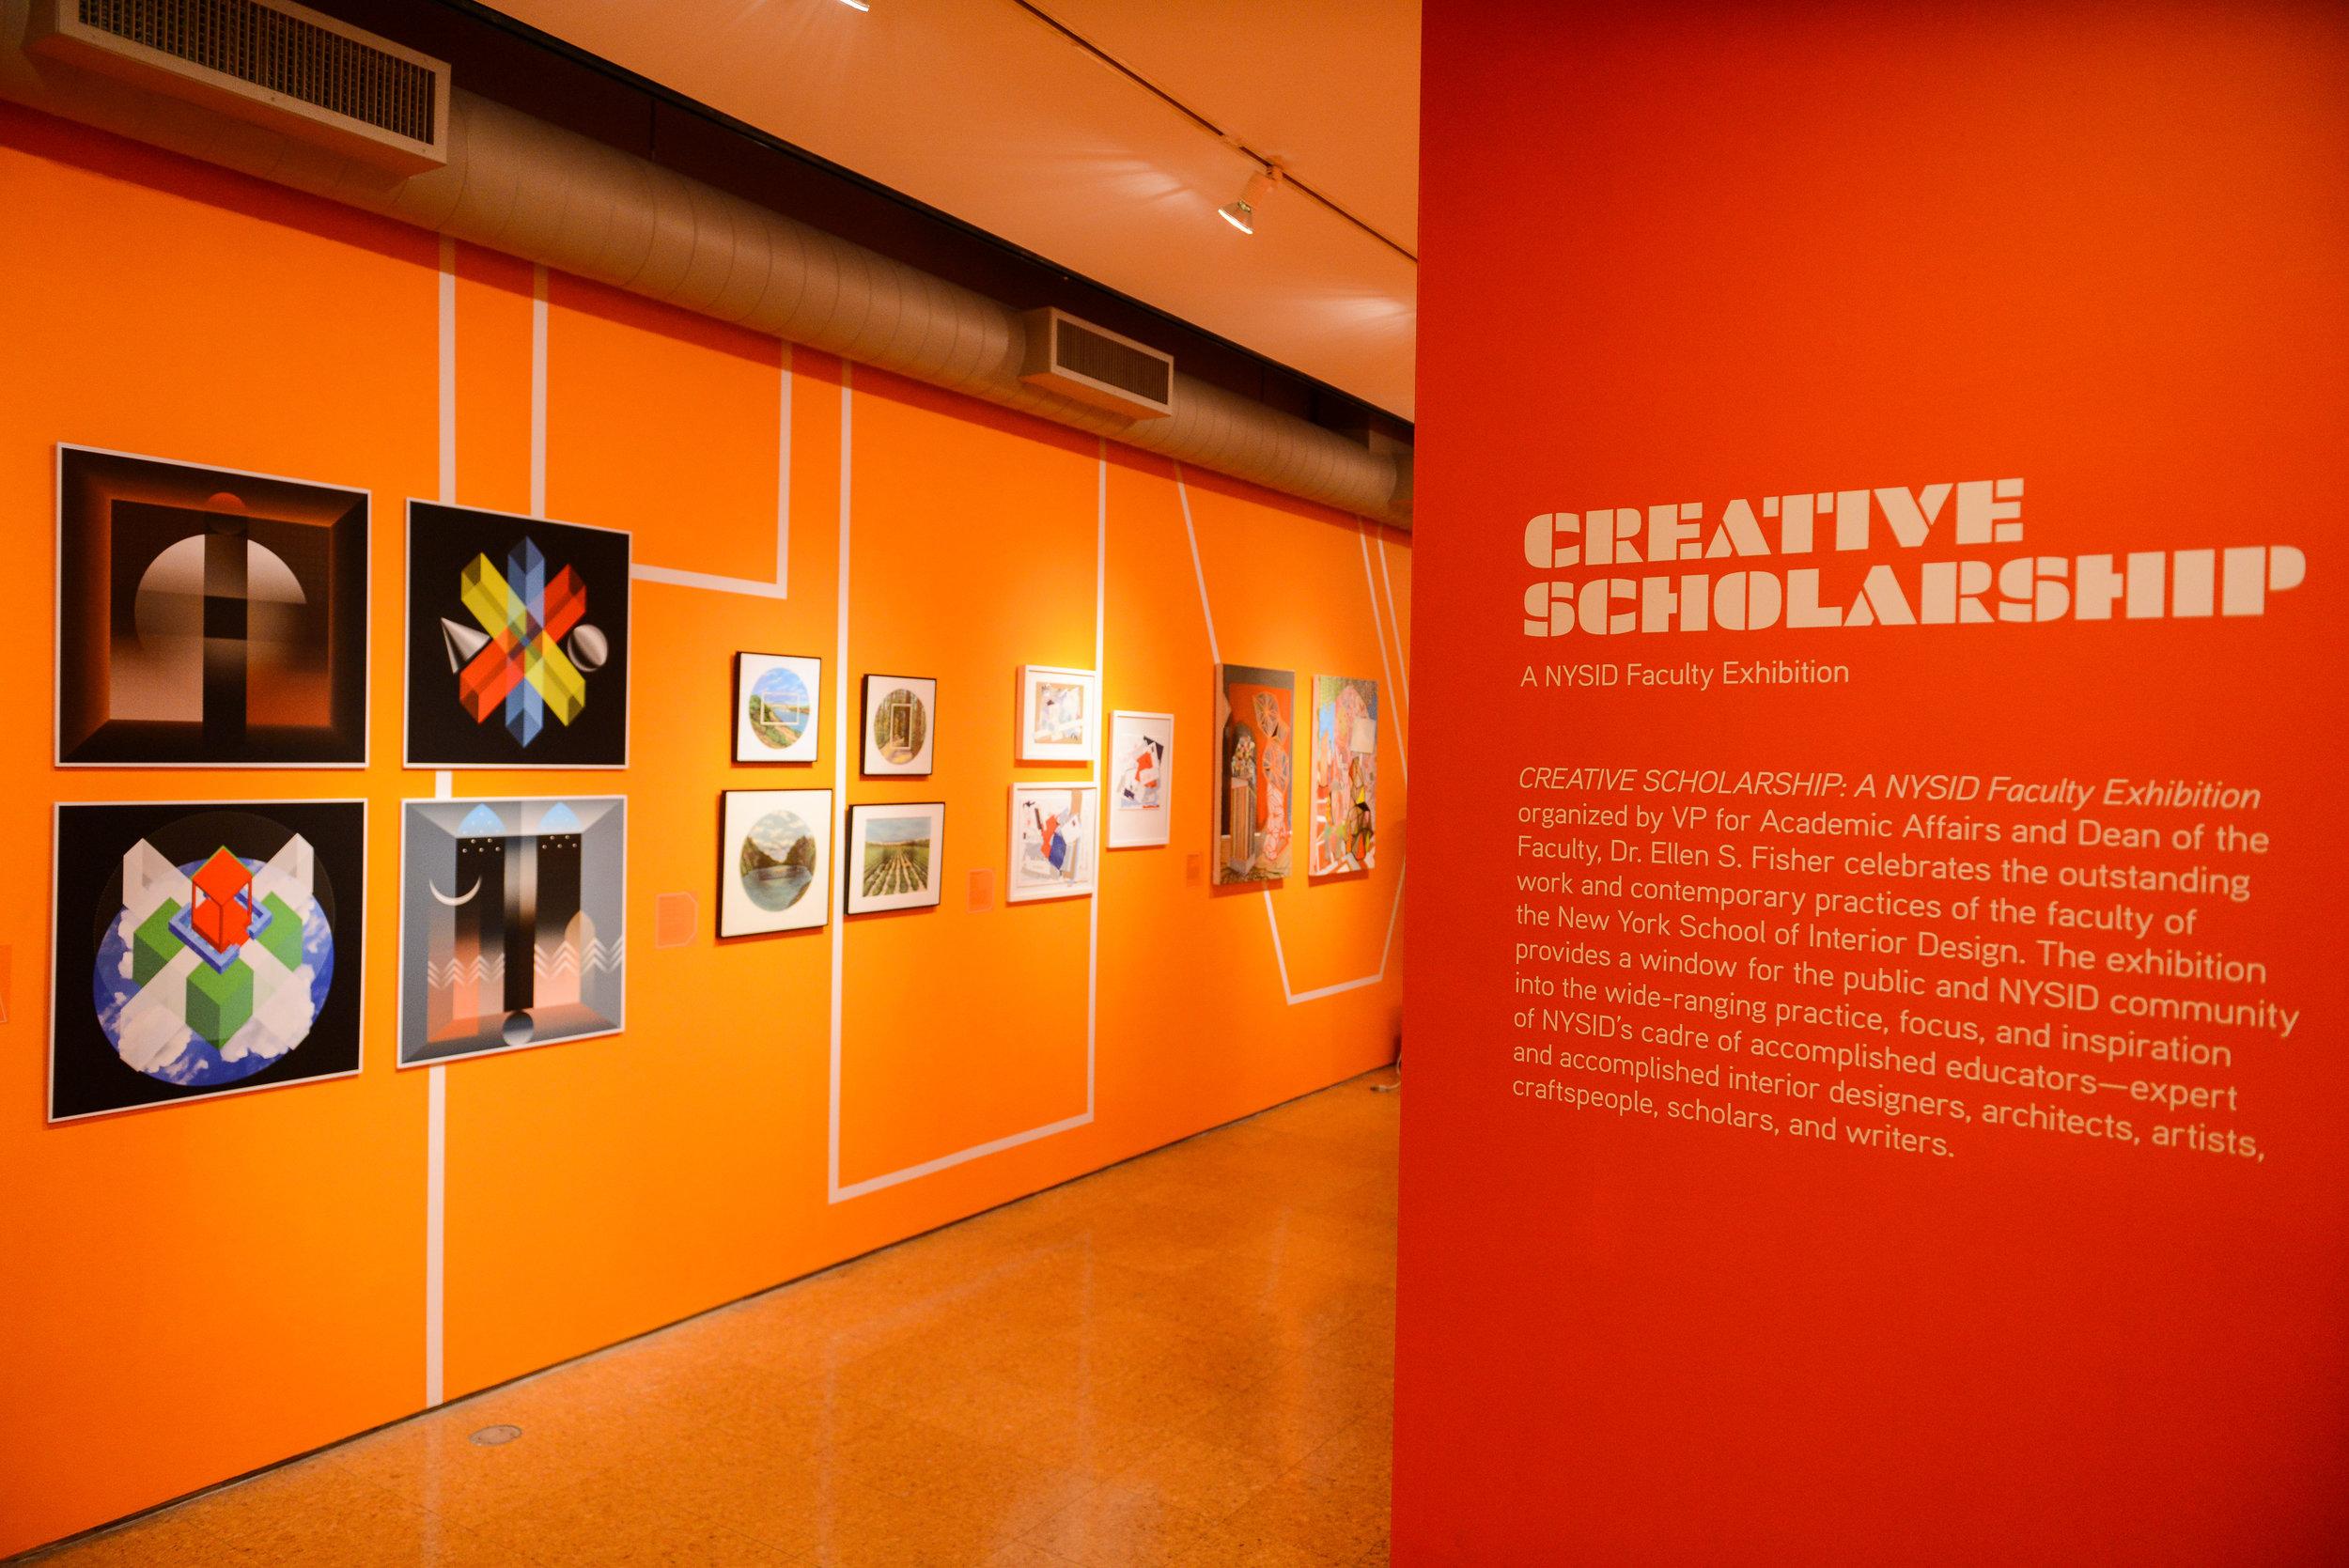 creative-scholarship-a-nysid-faculty-exhibition_36845161363_o[1].jpg